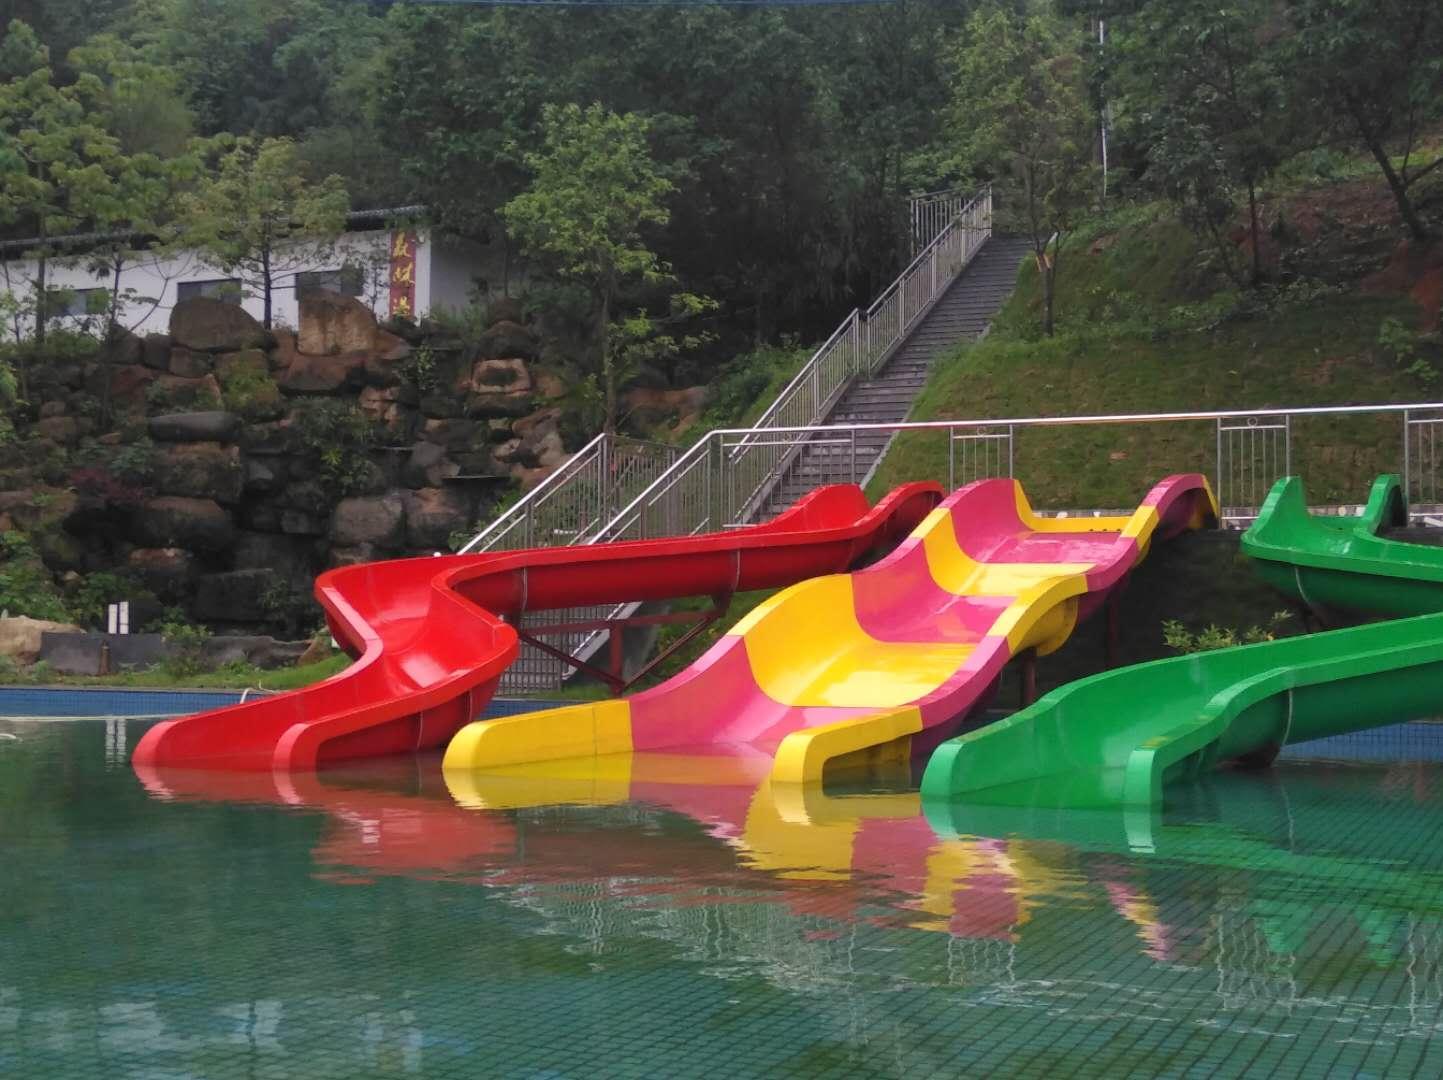 【清远】【清凉夏日】29.9抢清远山其洞温泉度假村水上乐园亲子门票2大1小,带你清凉整个暑假~